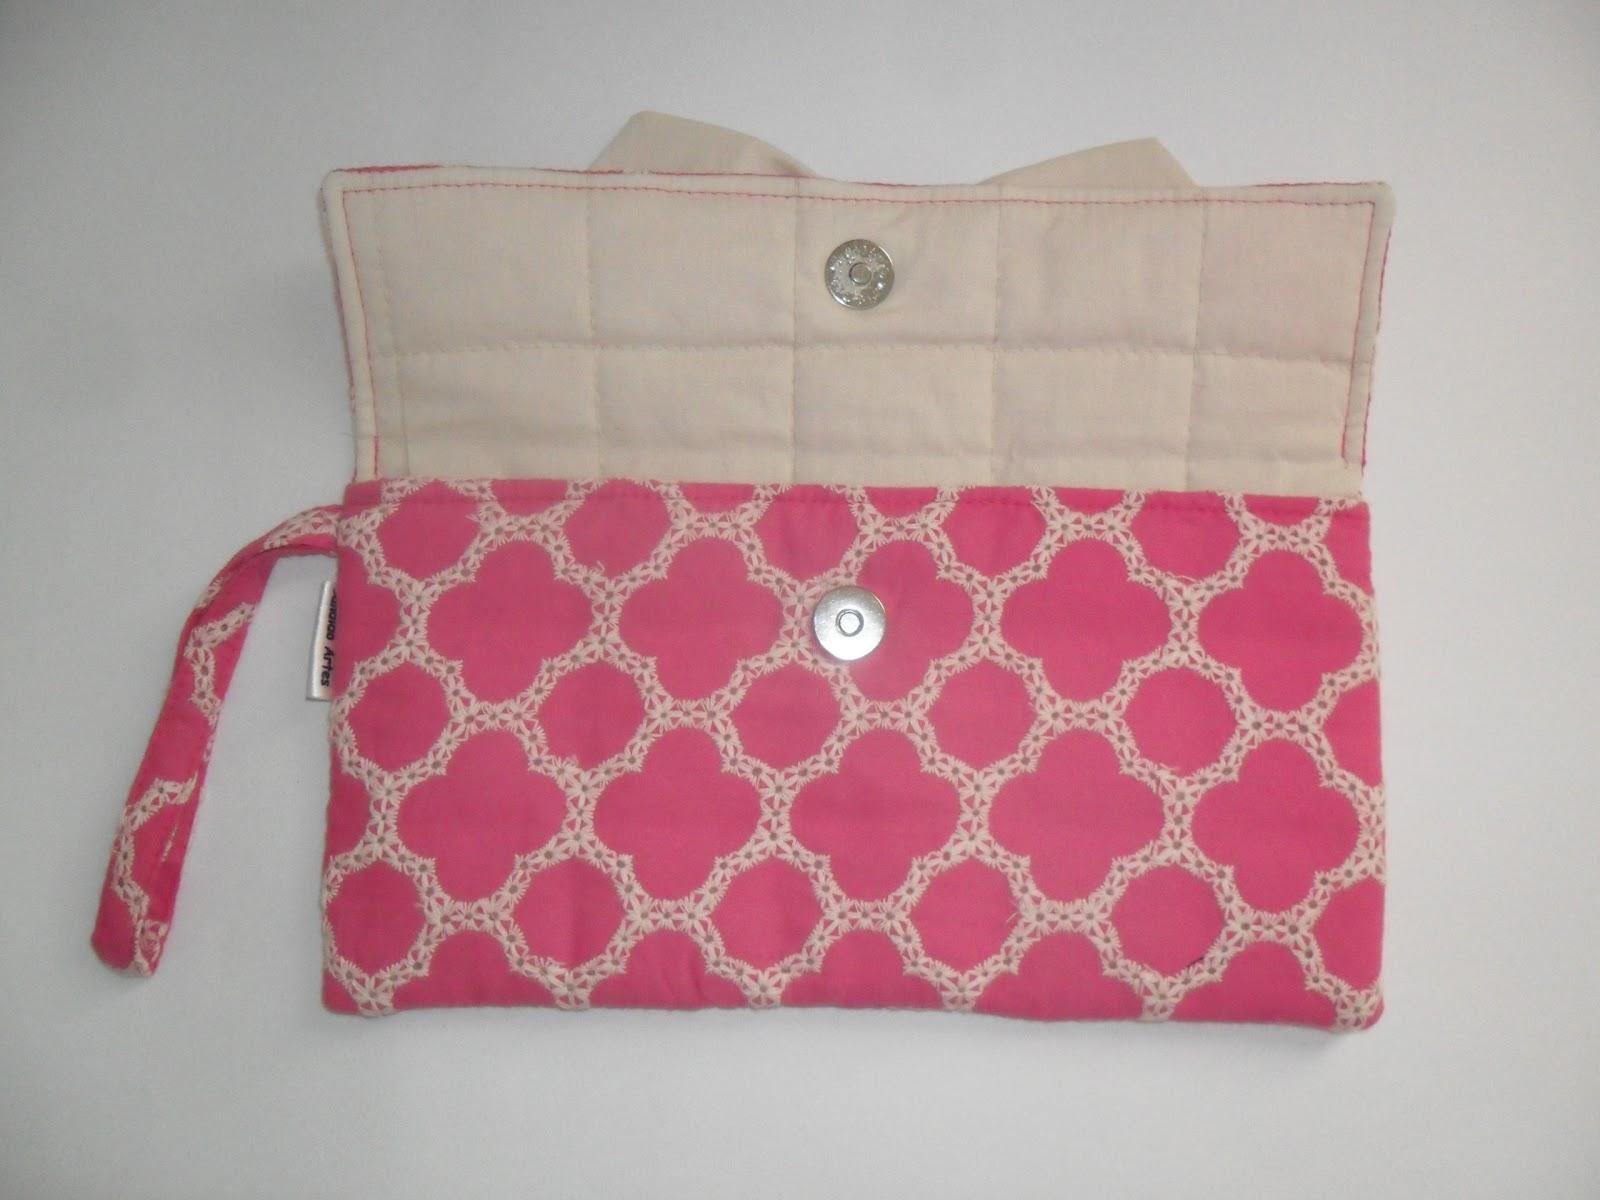 Bolsa De Mão Artesanal Passo A Passo : Artesanato candido artes bolsa de m?o carteira pink com la?o